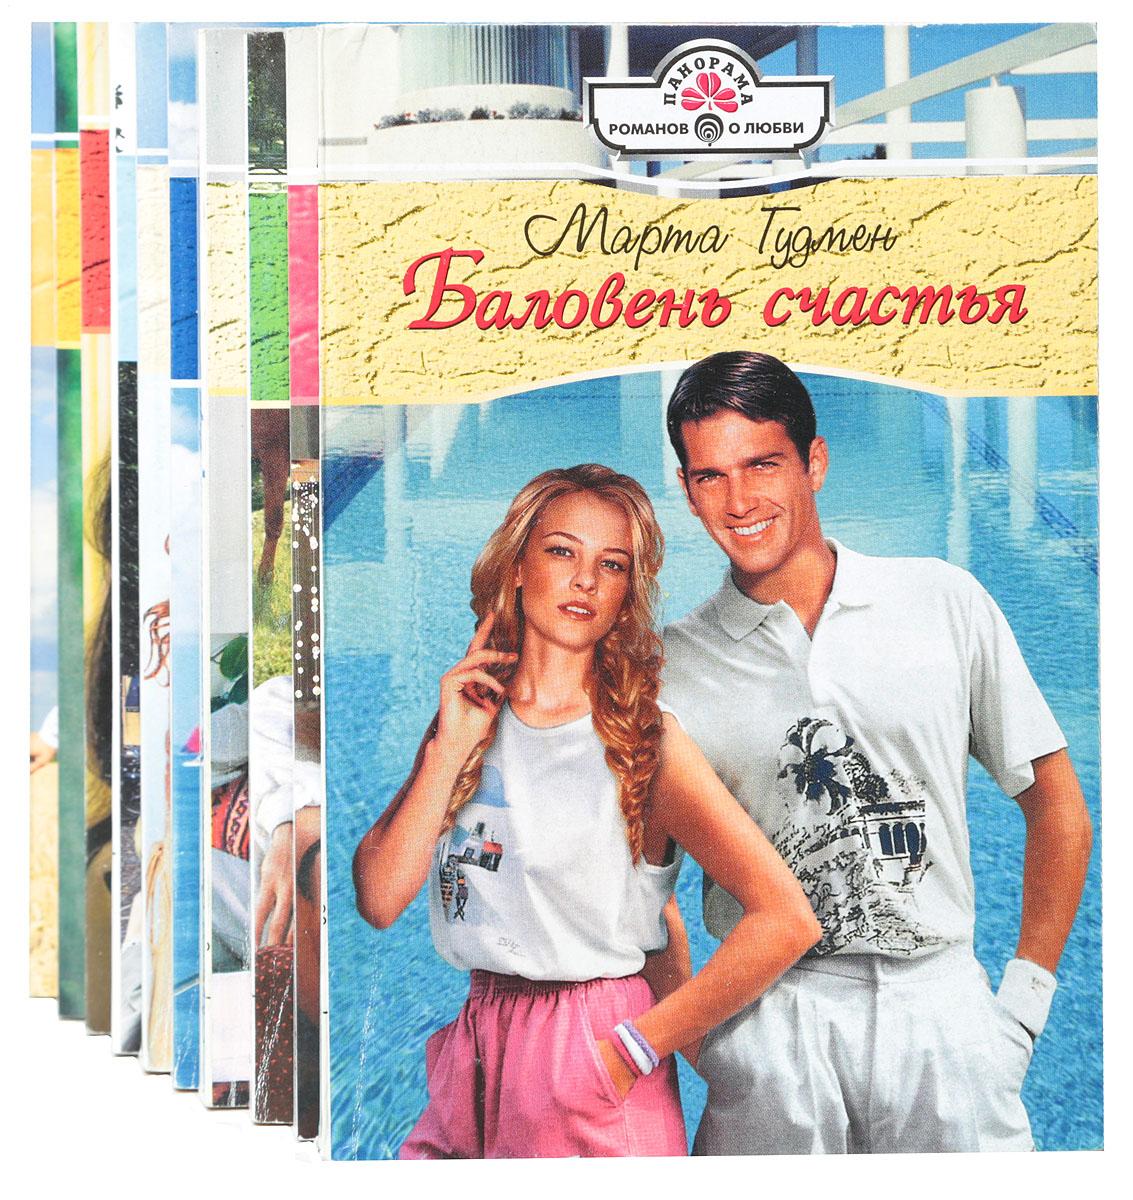 известно, картинки книг панорама романов о любви этом